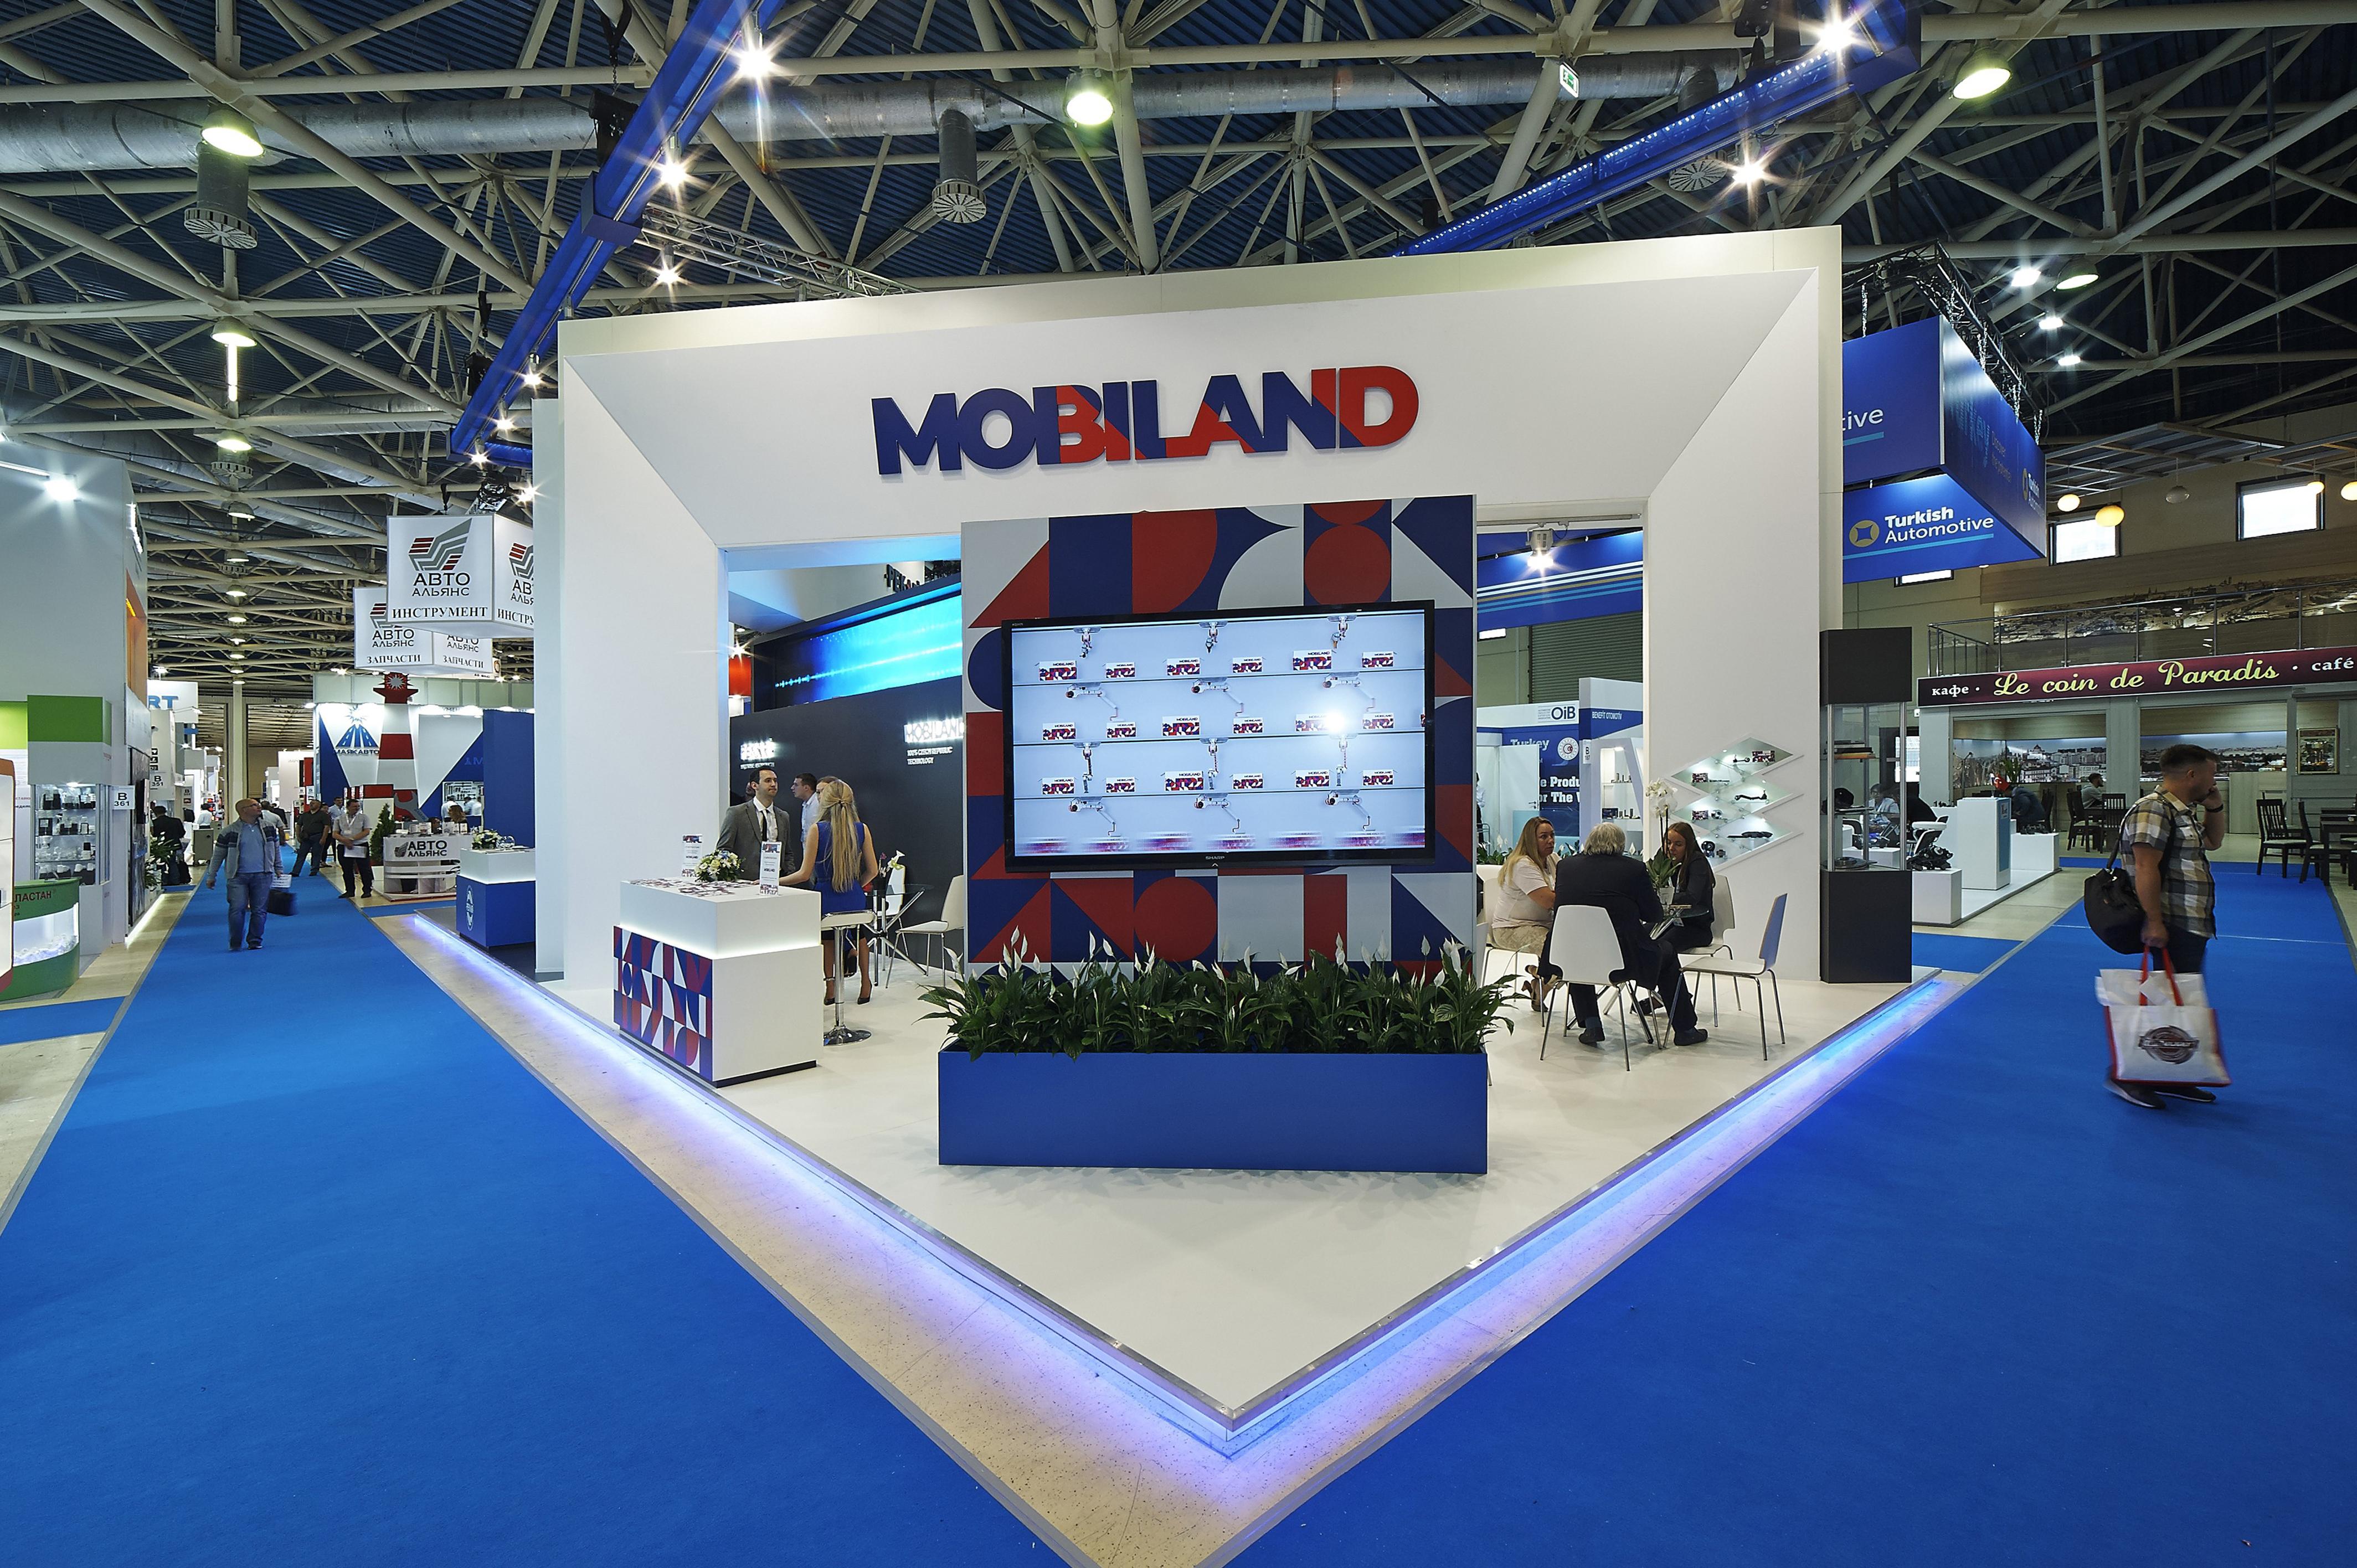 Mobiland_300dpi_10